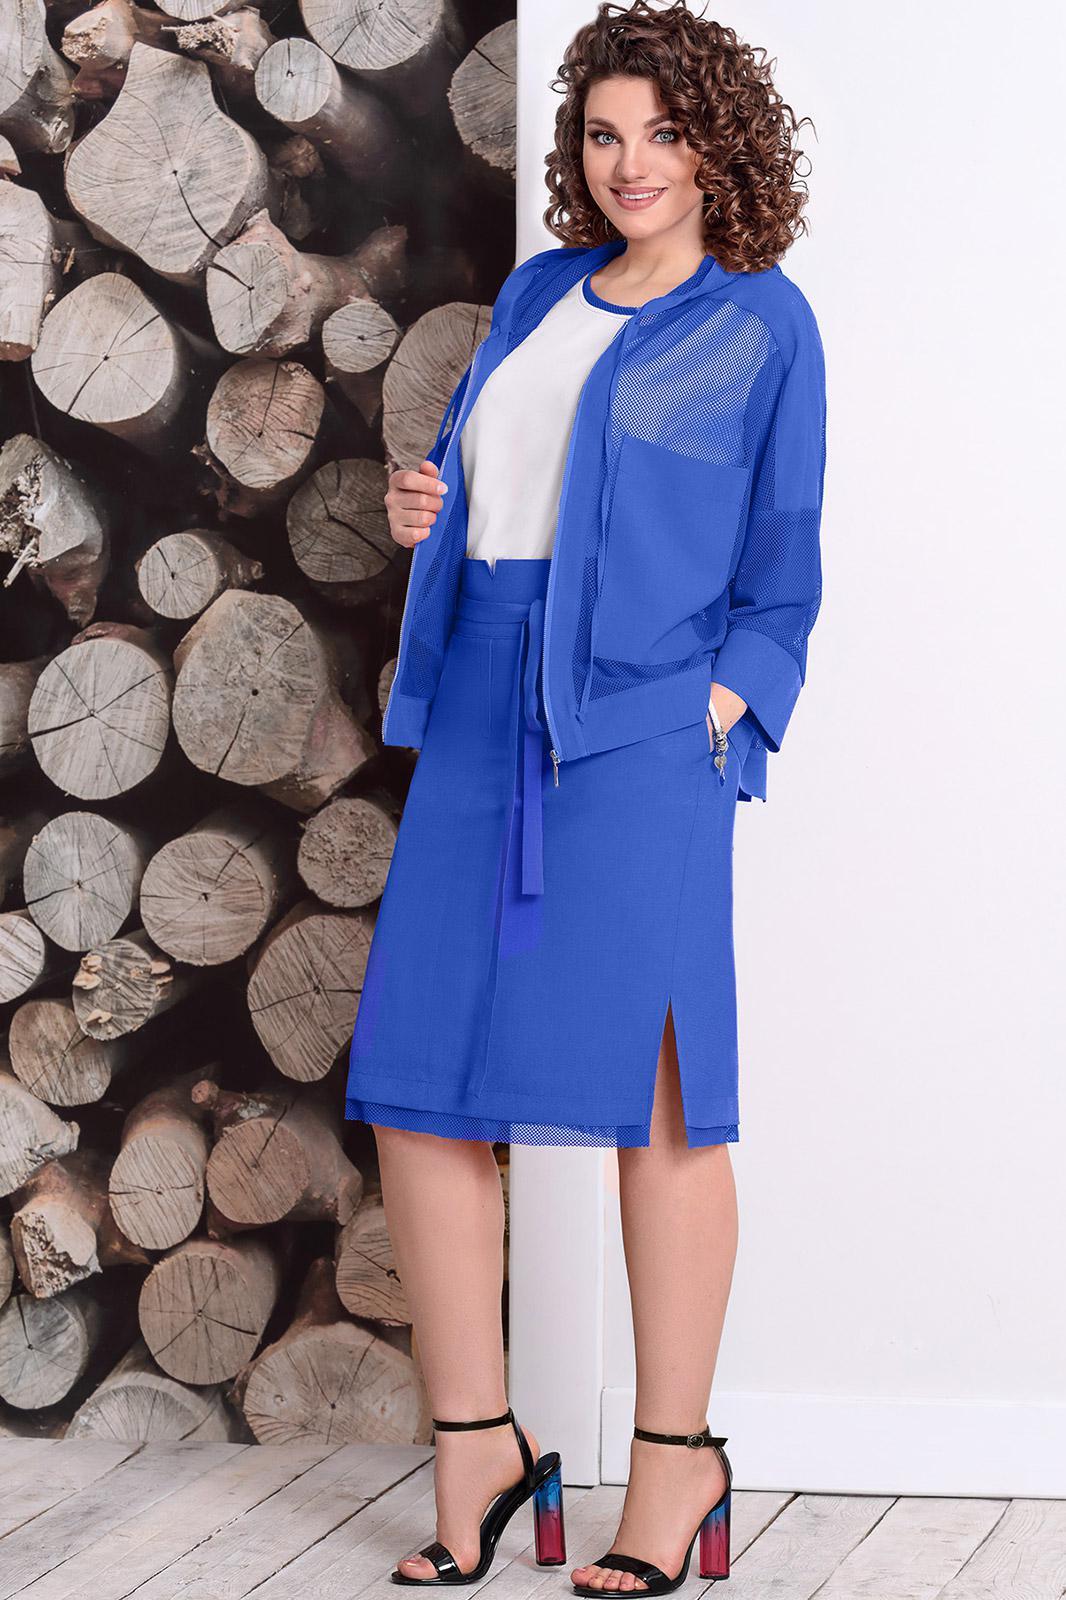 501e5410f965 Купить белорусский женский костюм большого размера в Минске